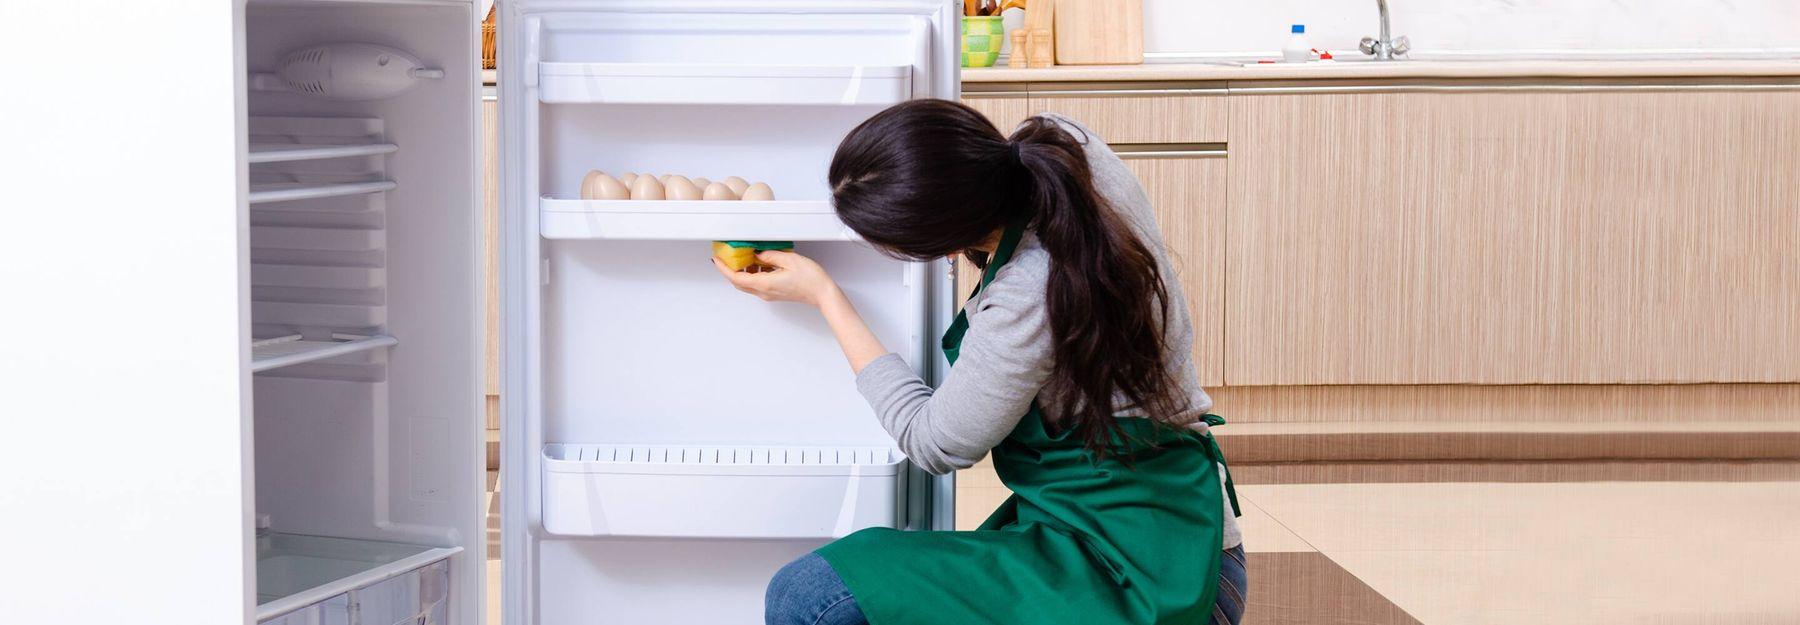 sắp xếp lại tủ lạnh